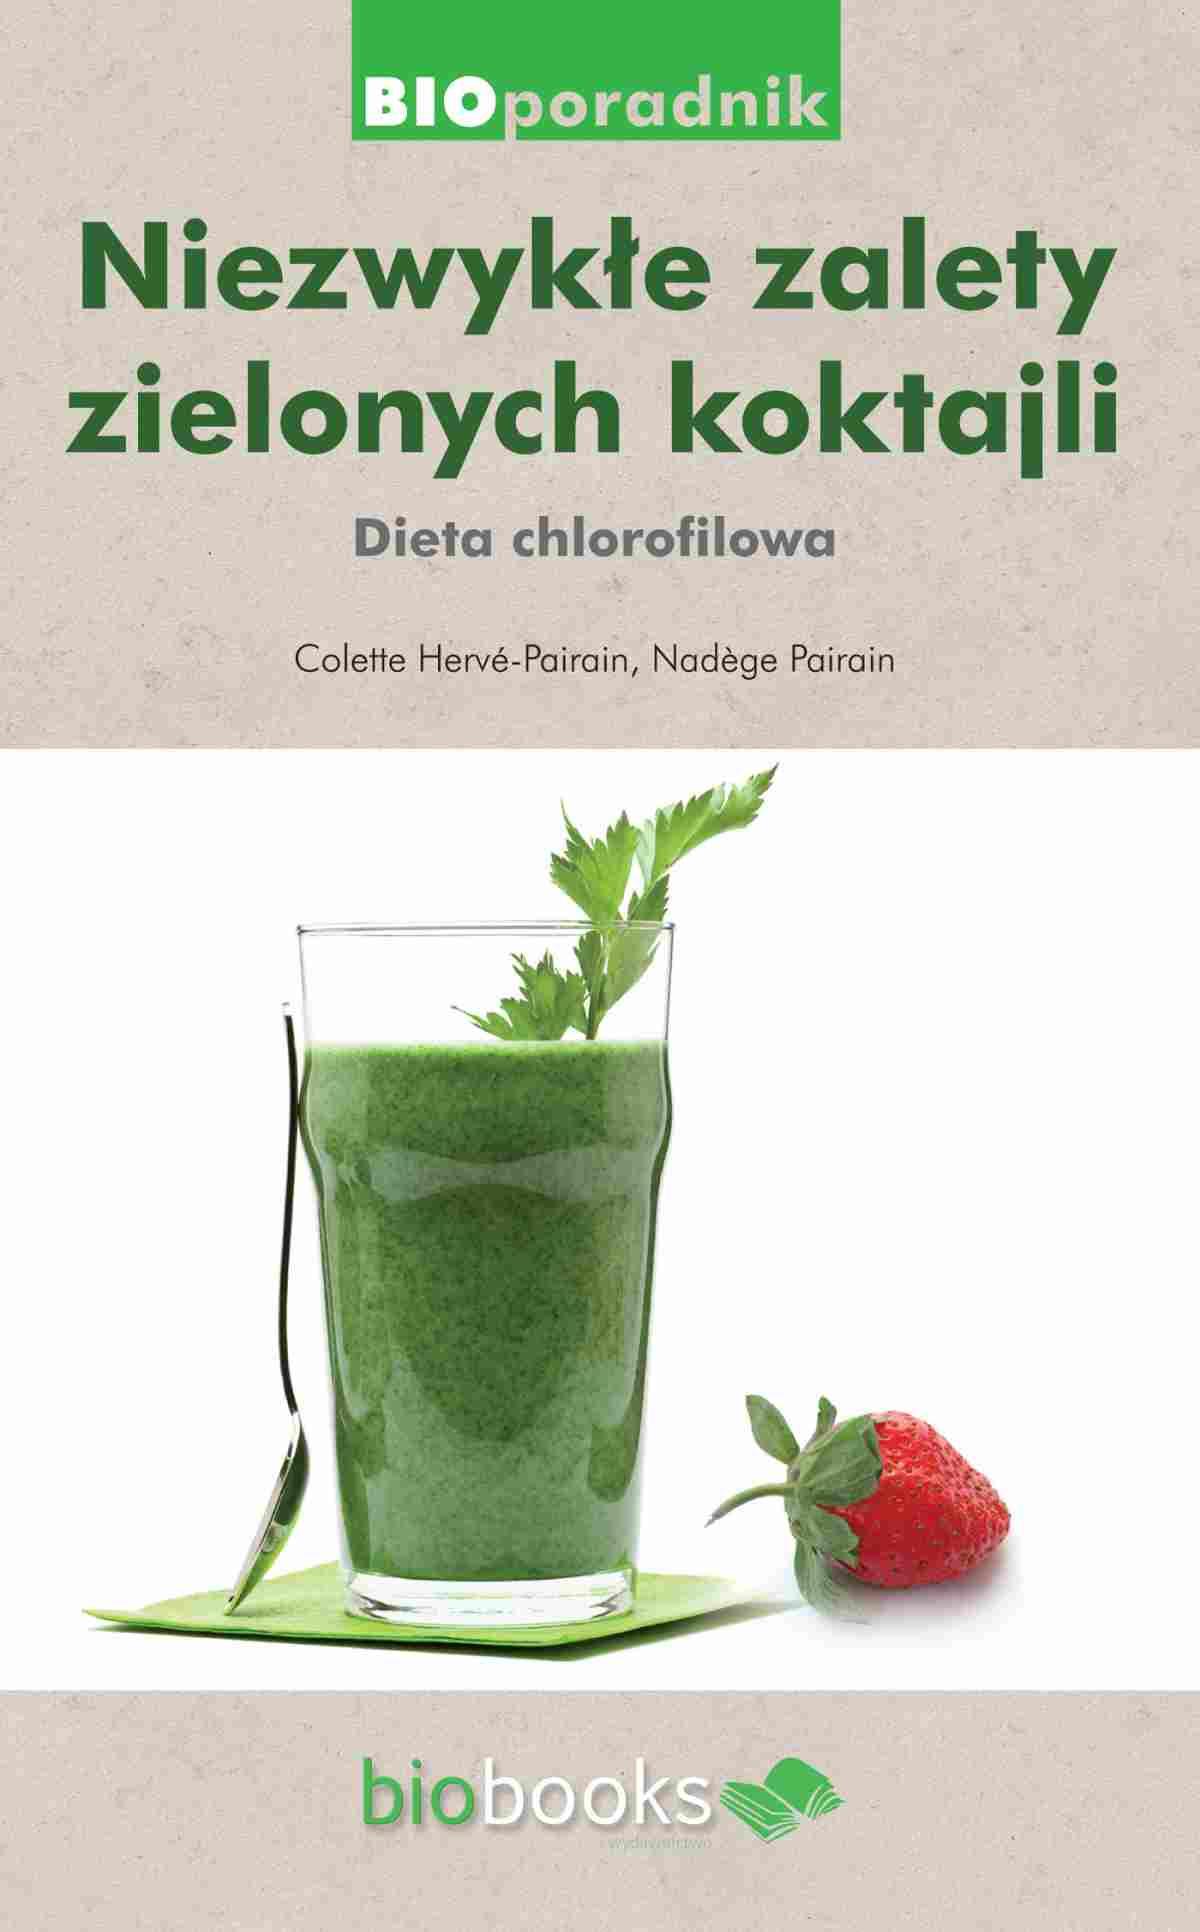 Niezwykłe zalety zielonych koktajli. Dieta chlorofilowa - Ebook (Książka na Kindle) do pobrania w formacie MOBI